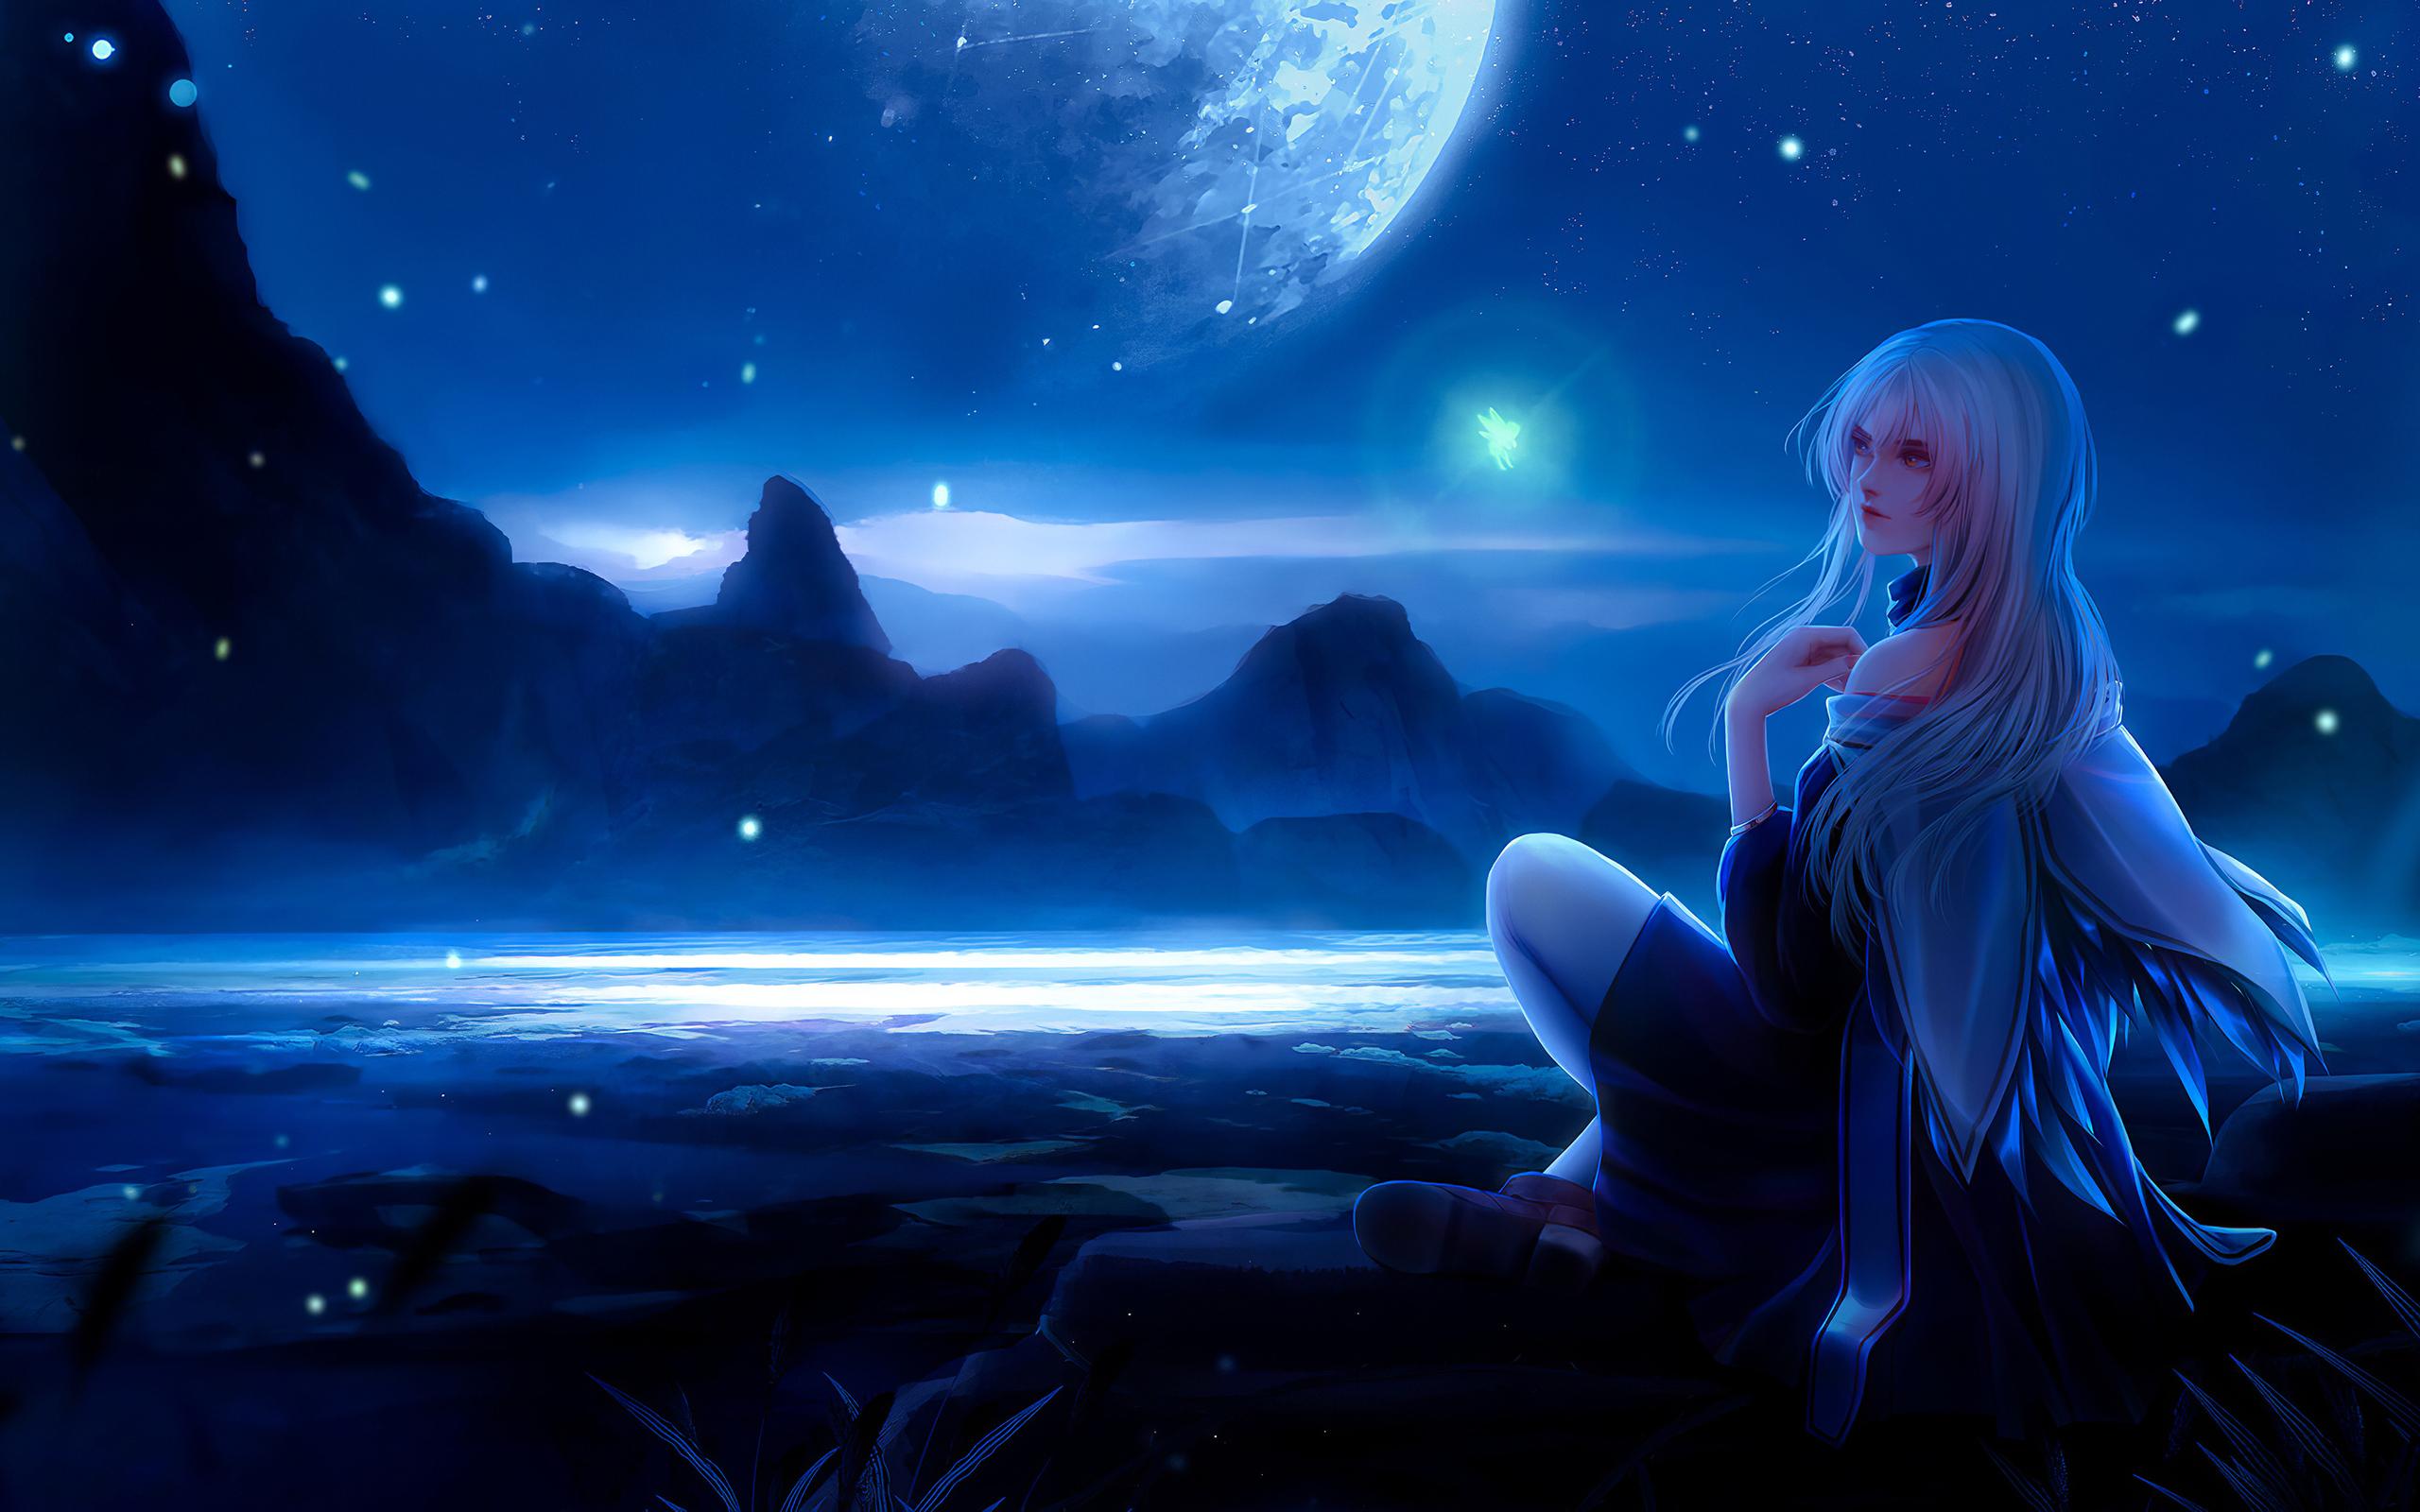 inside-moonlight-anime-girl-4k-2a.jpg